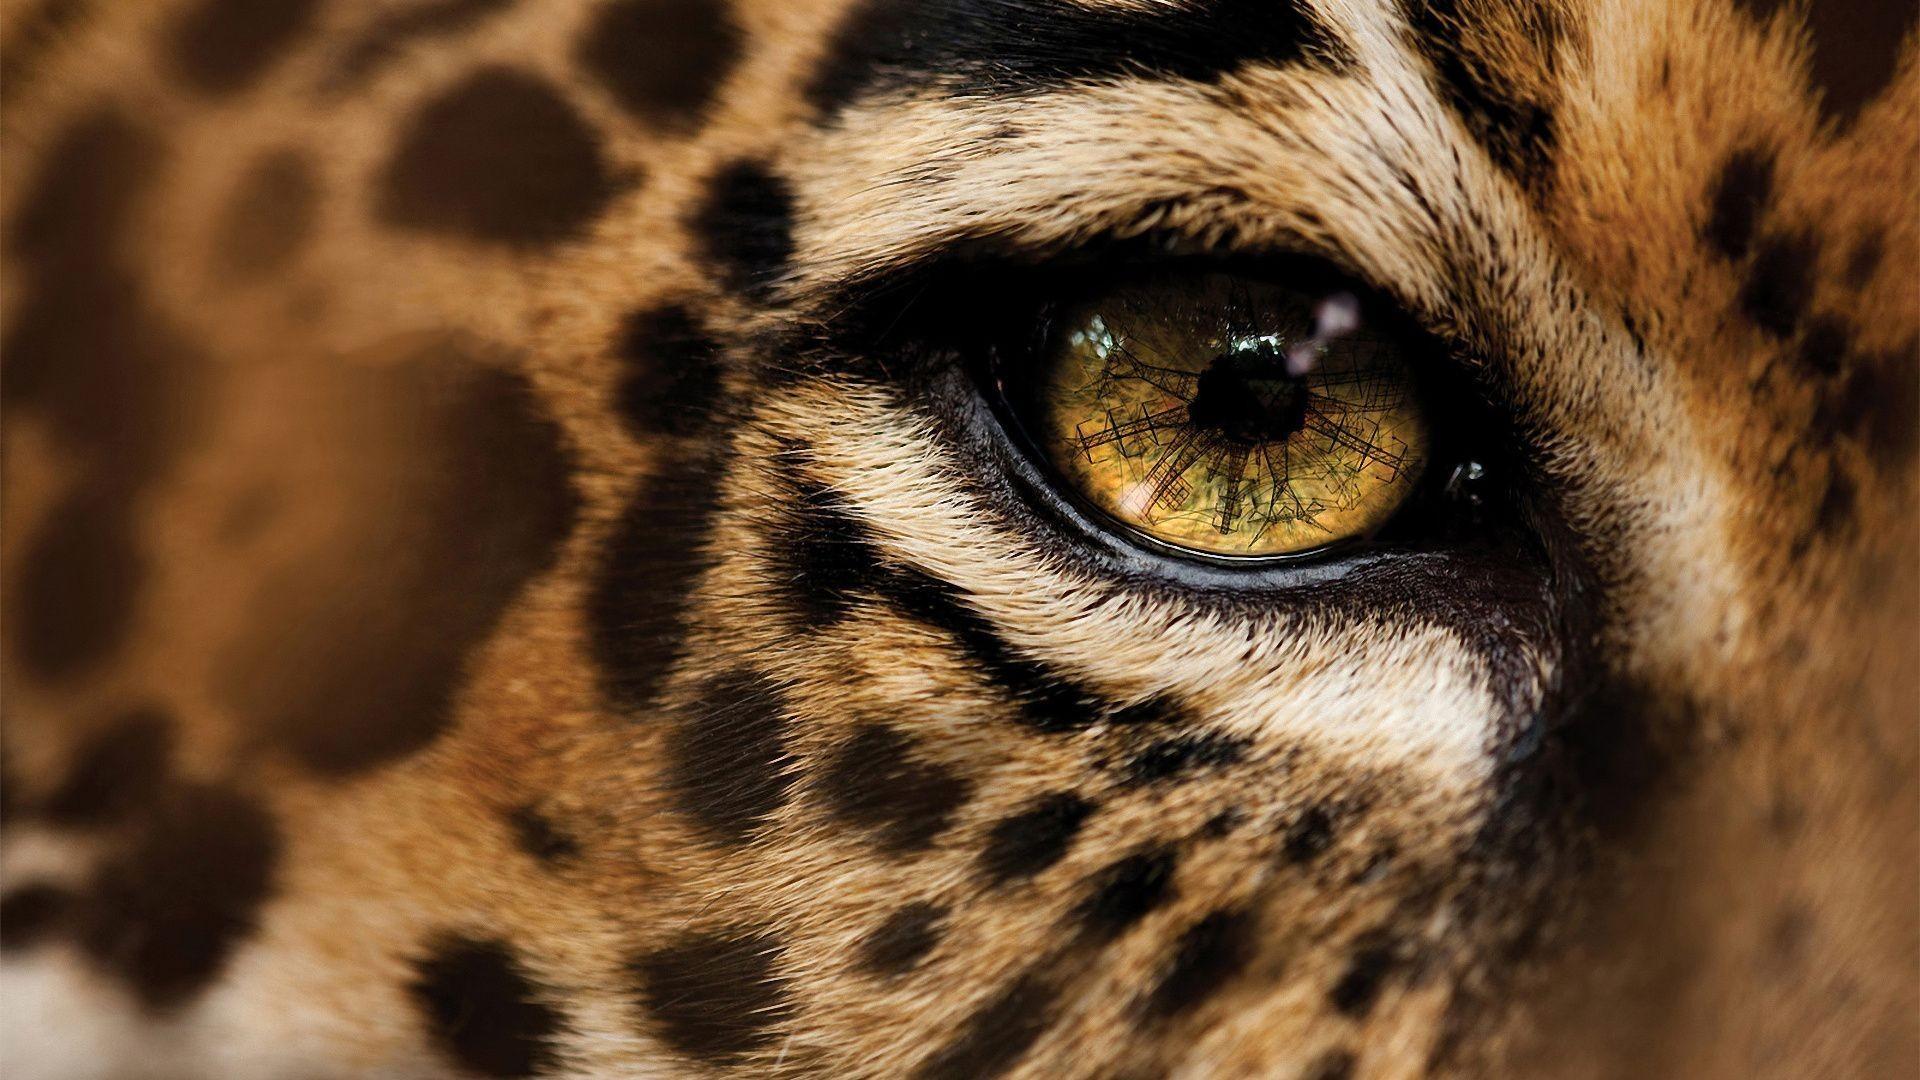 Res: 1920x1080, Cheetah Wallpaper 12 – HD Wallpaper, Wallpaper Pics - The Best .